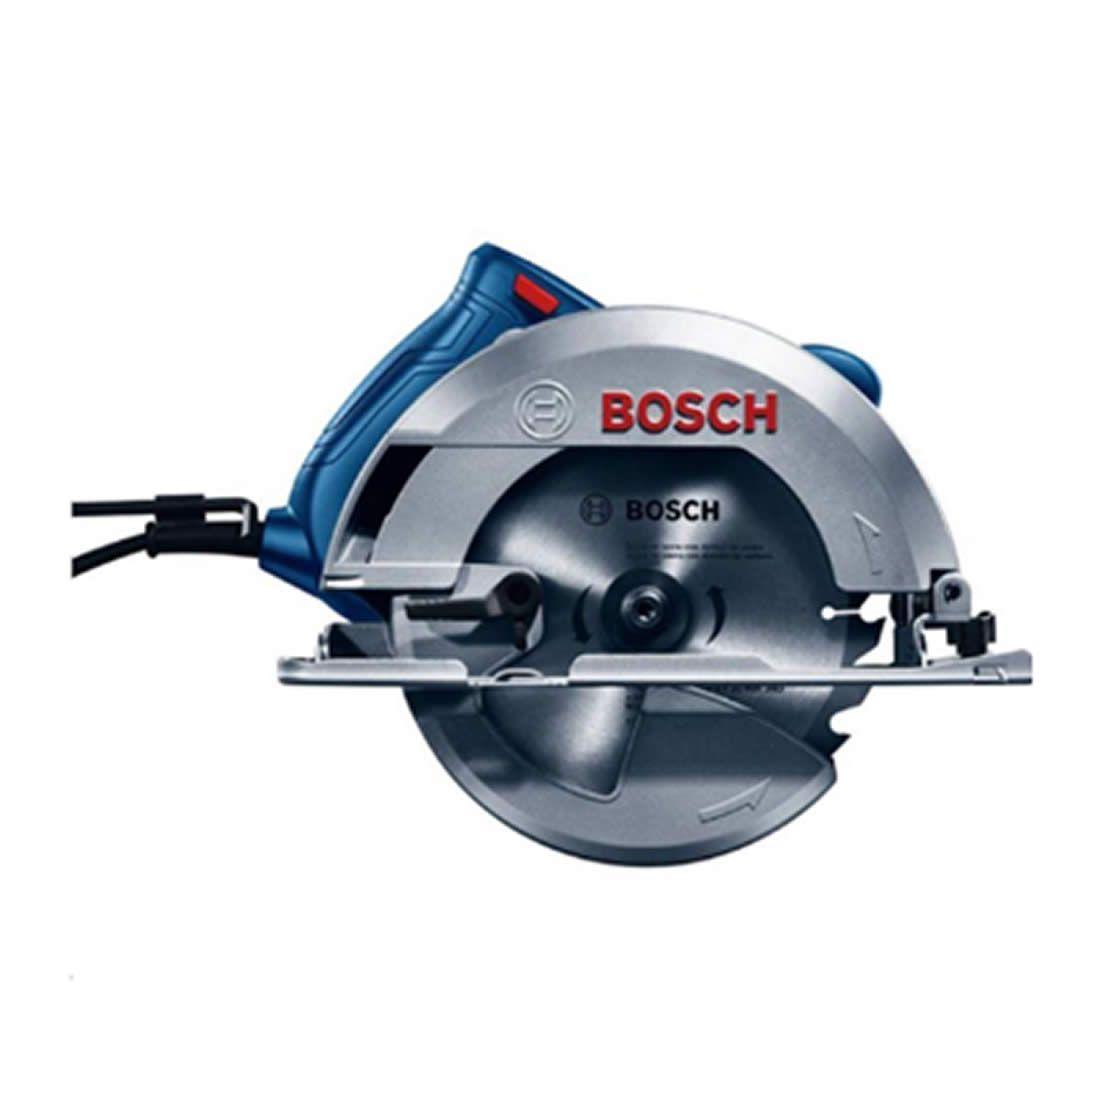 Serra Circular Bosch GKS 150 1500W